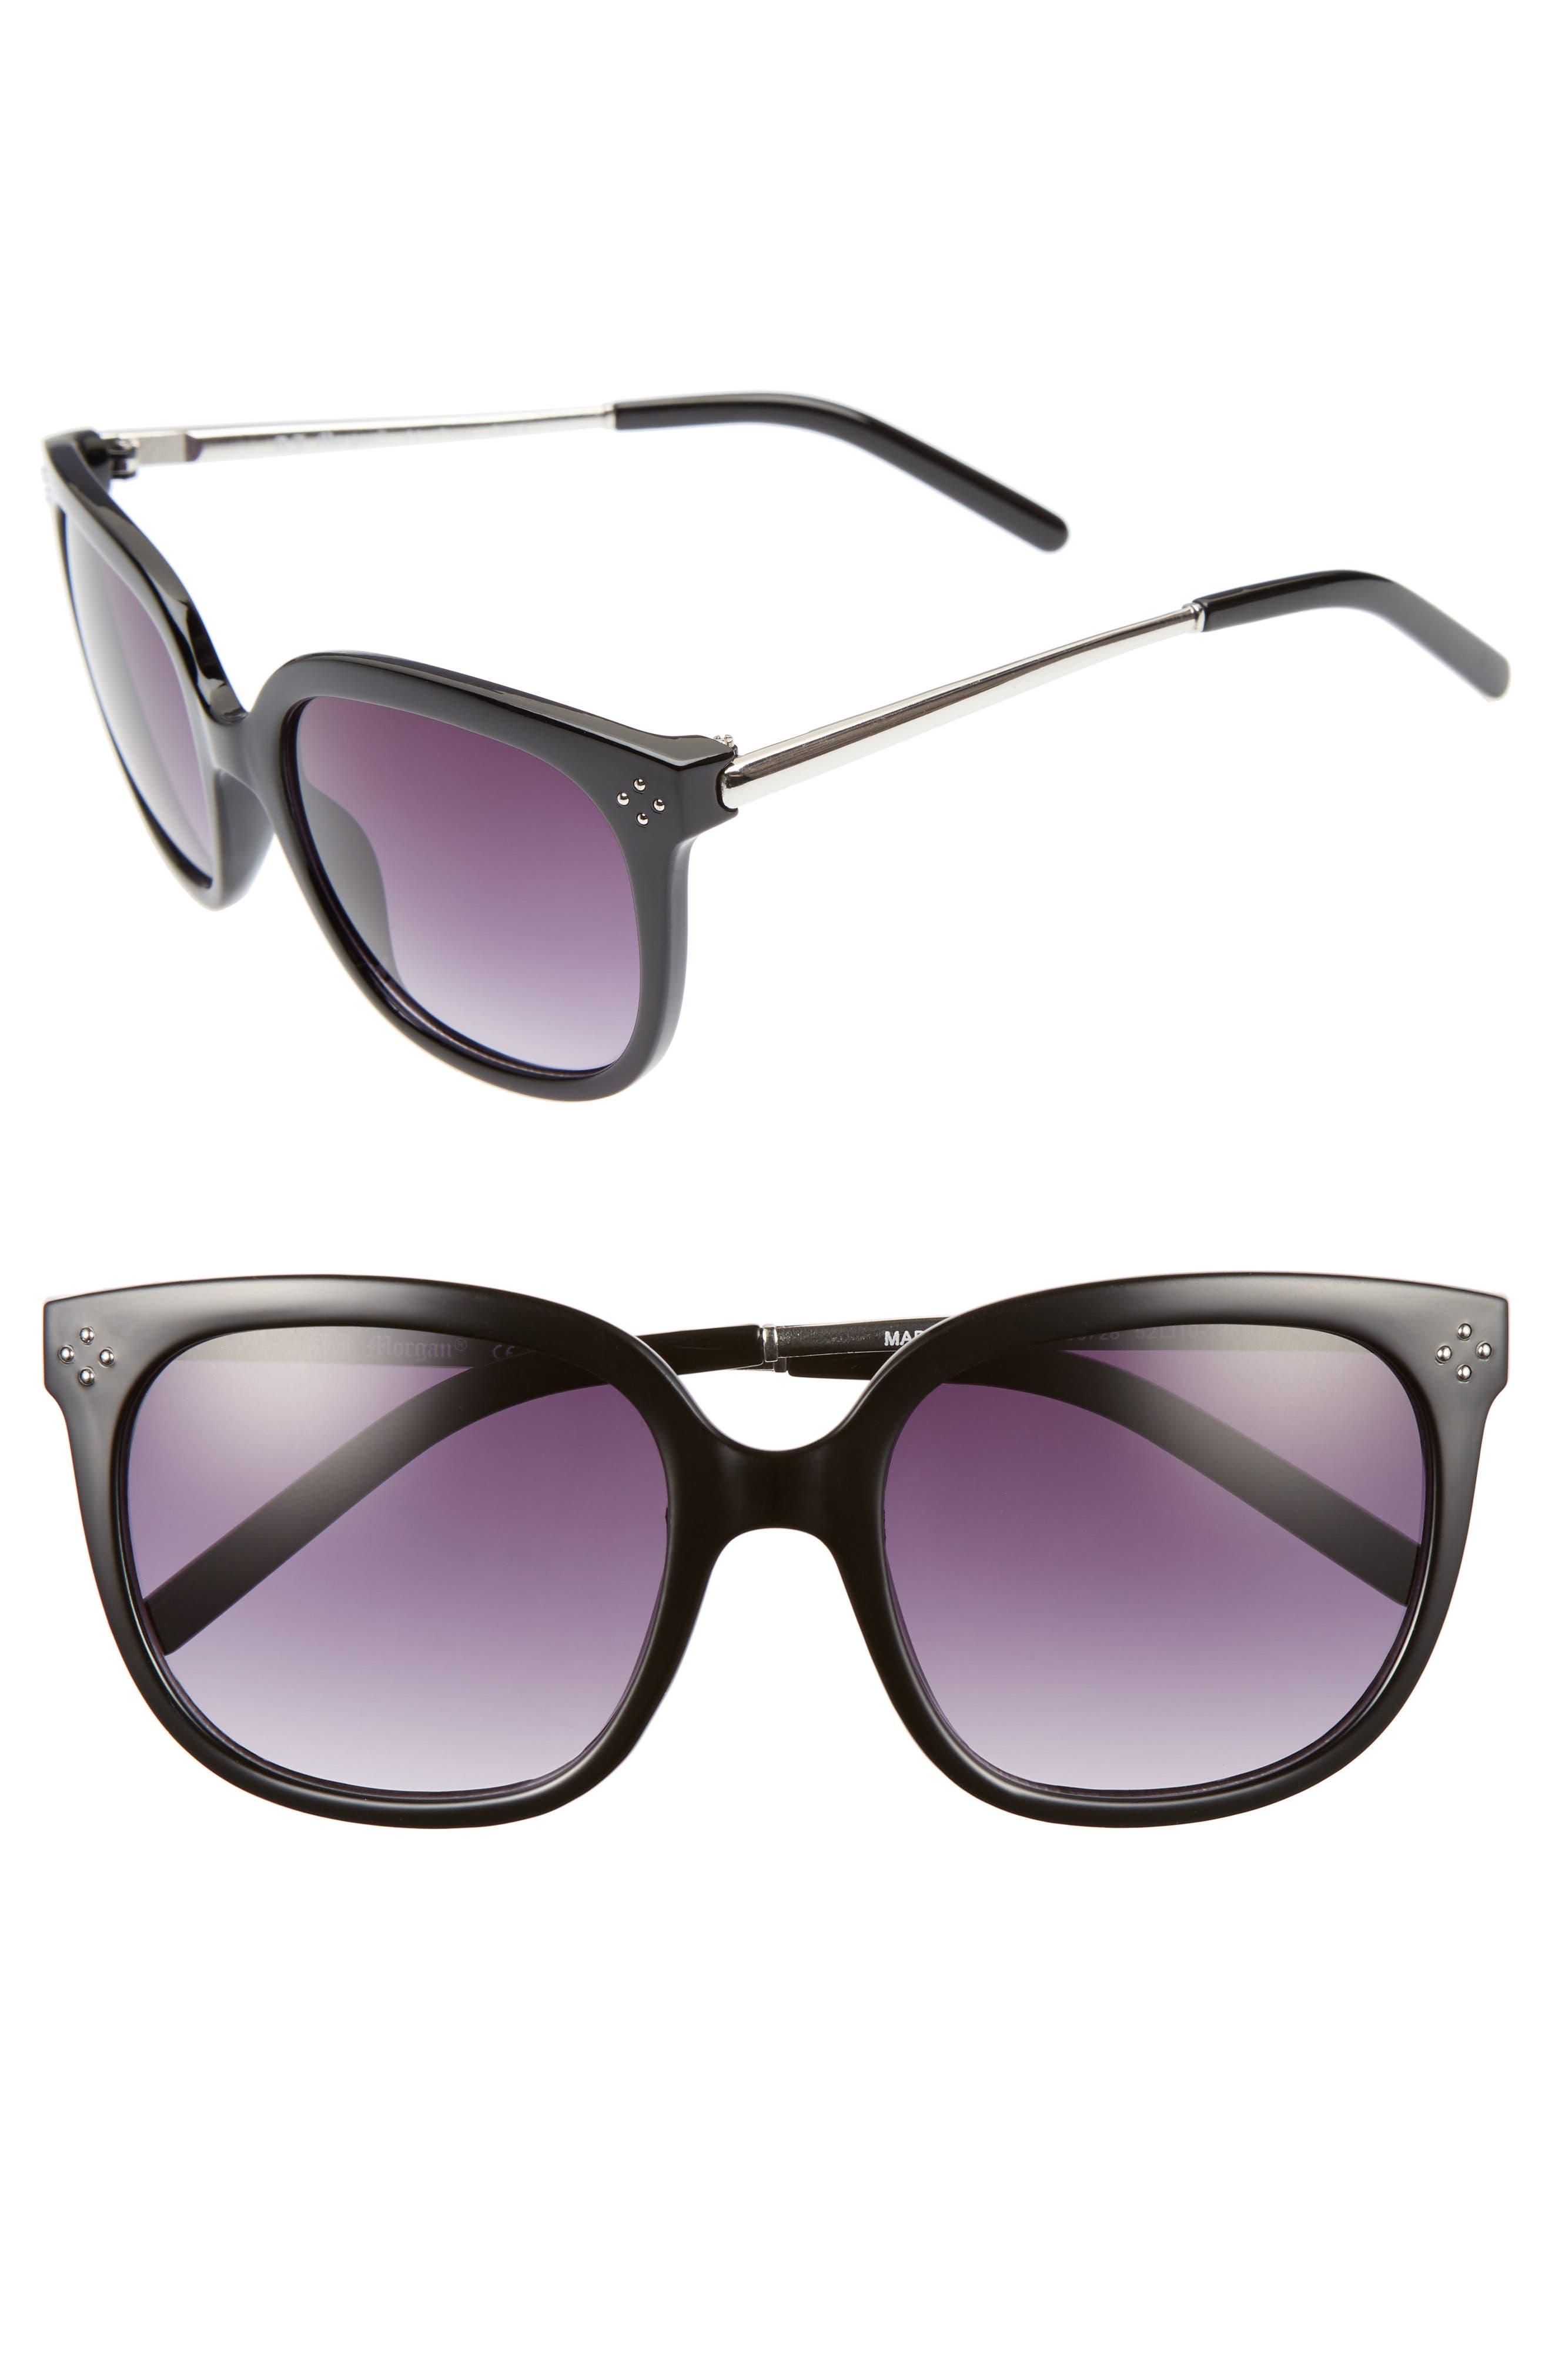 Dowager 52mm Sunglasses,                             Main thumbnail 1, color,                             001